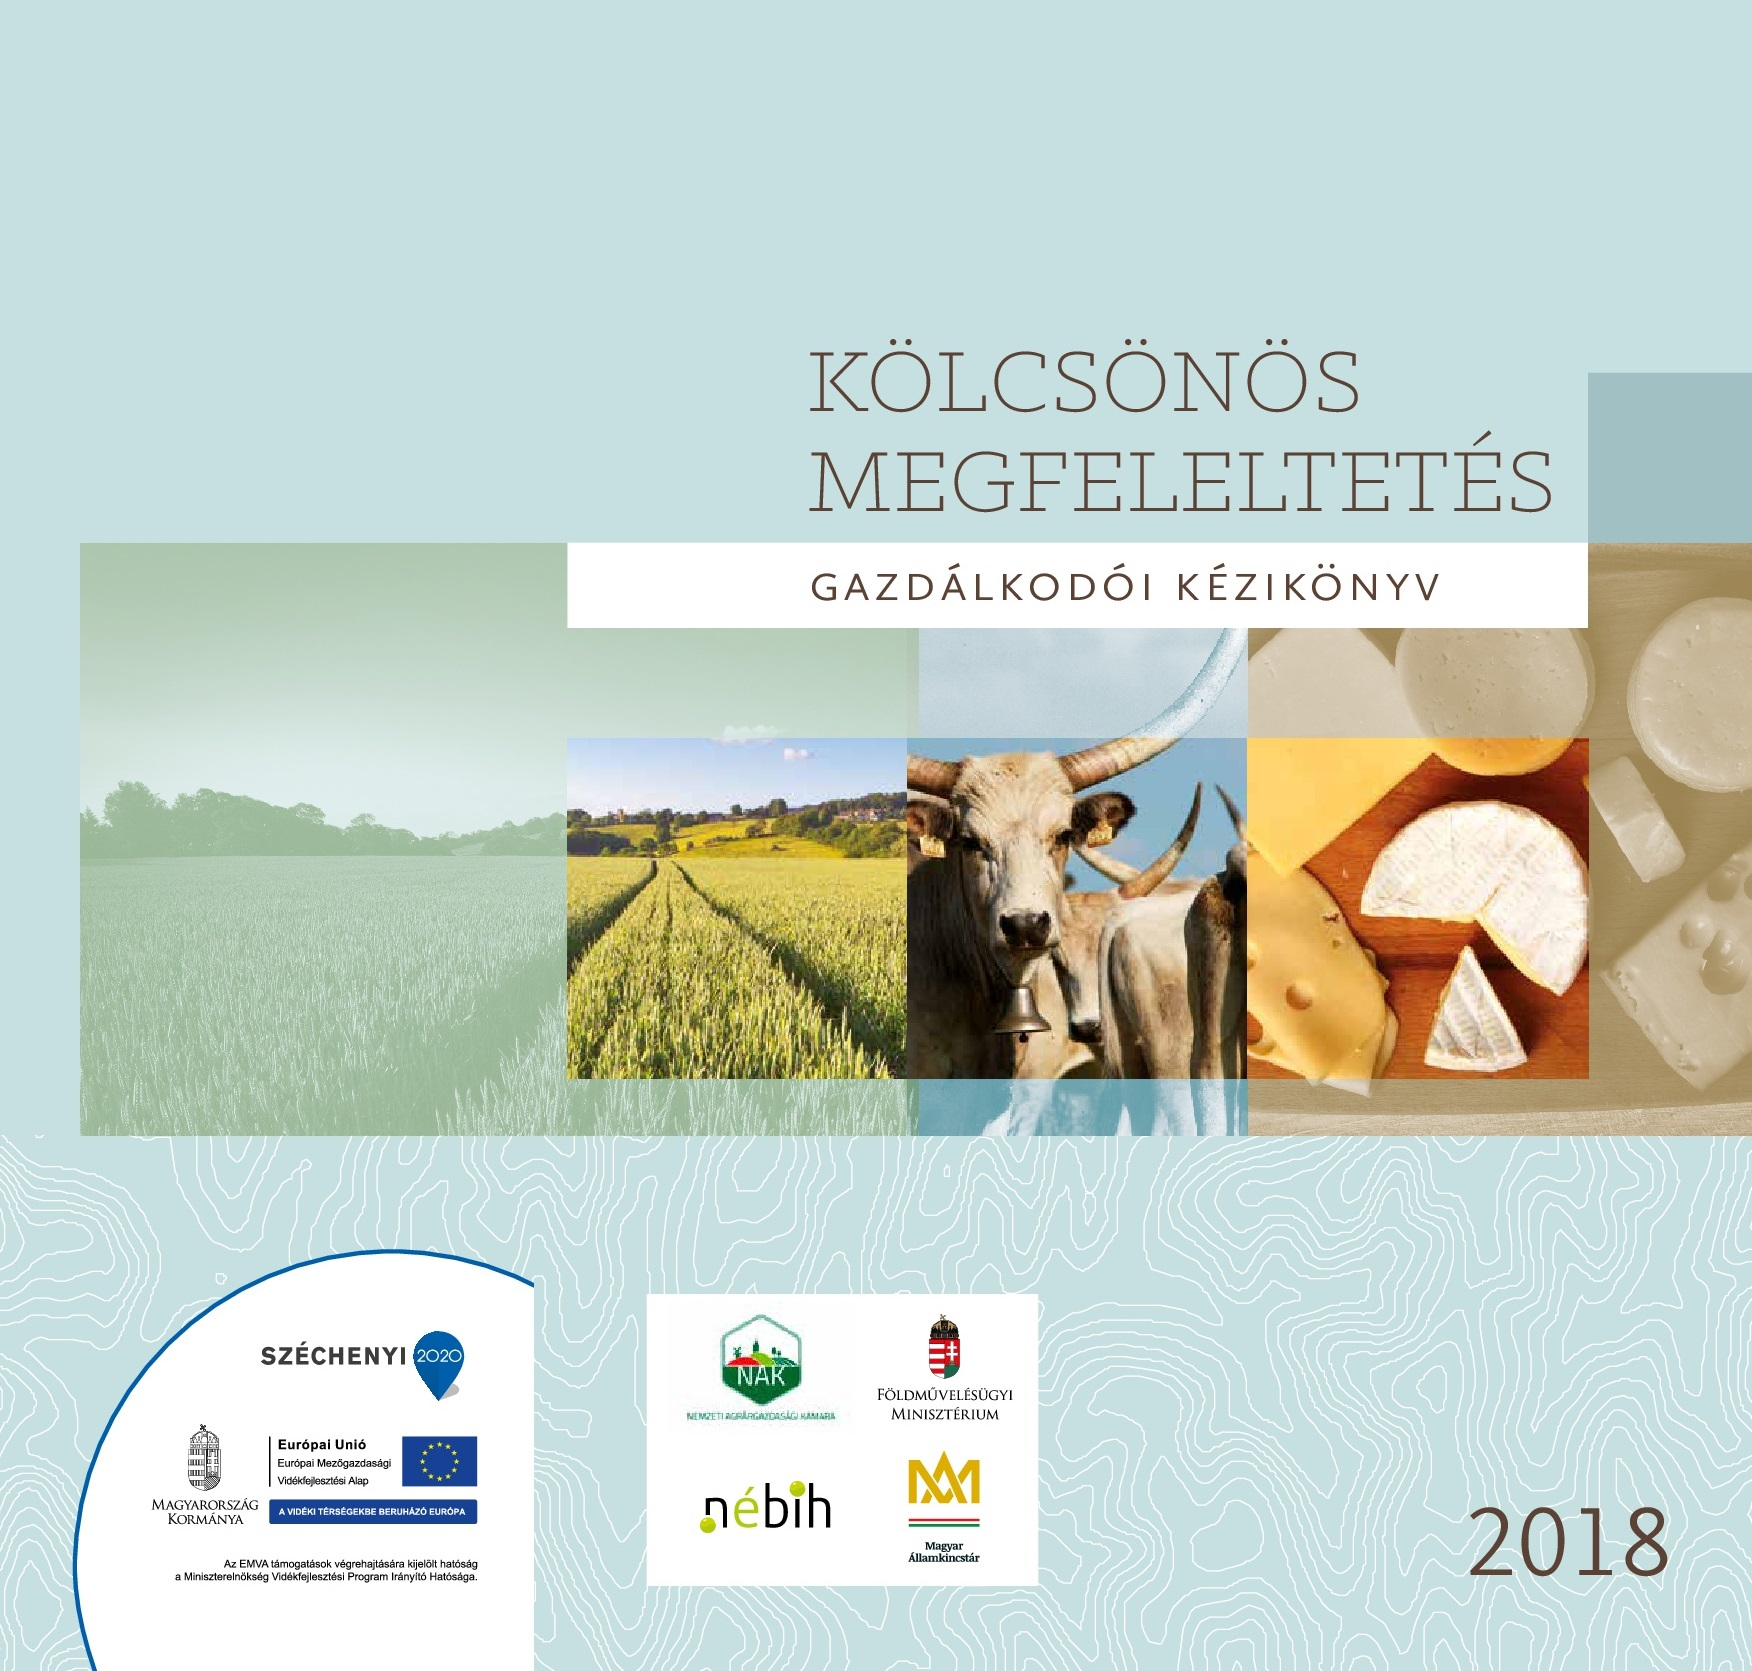 Kölcsönös megfeleltetés gazdálkodói kézikönyv